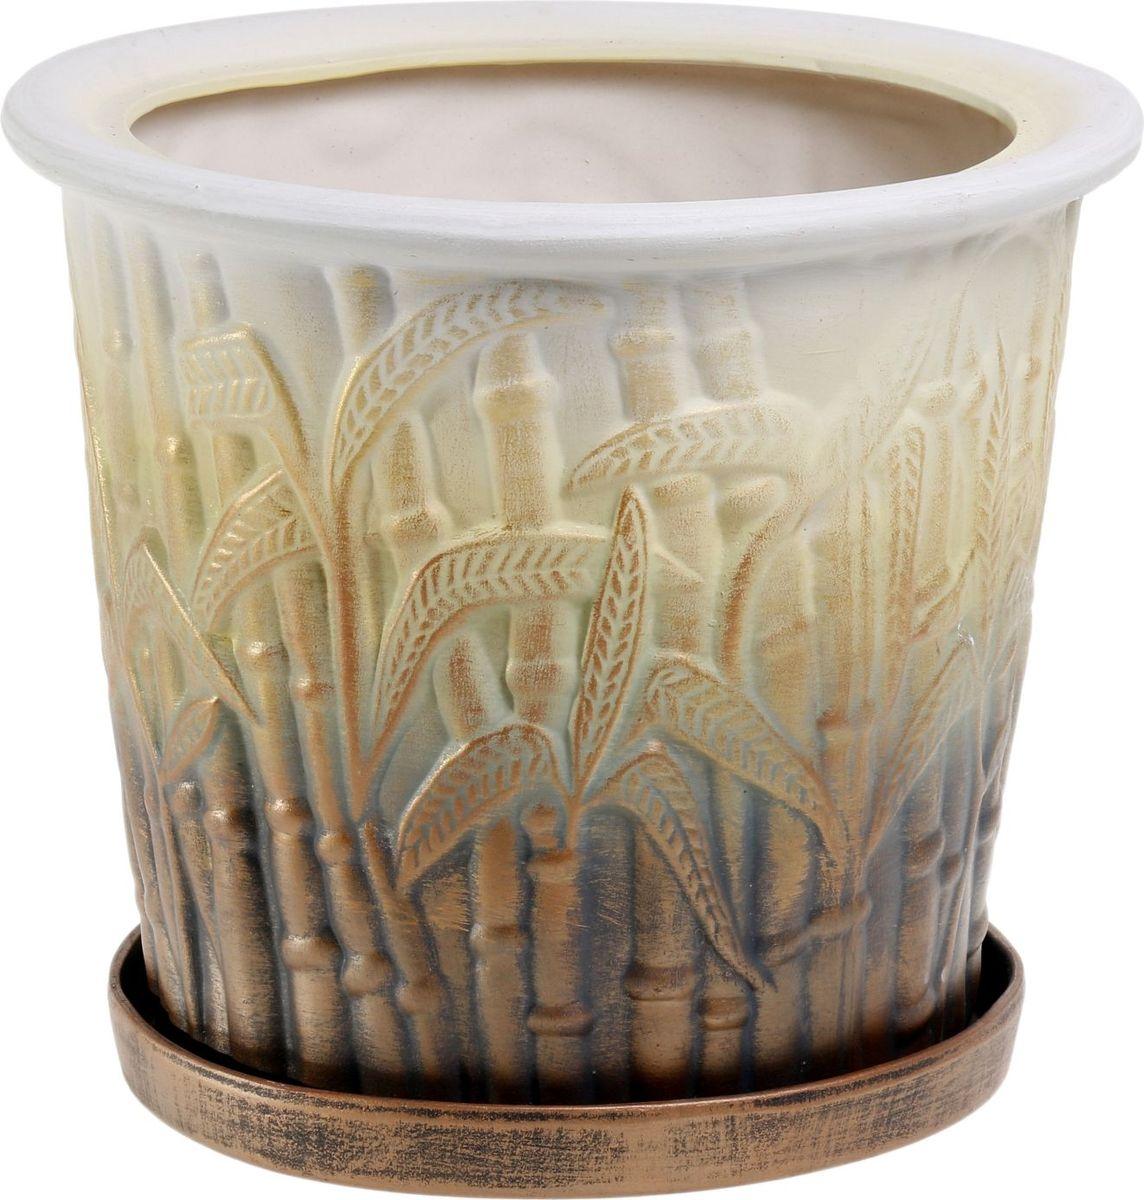 Кашпо Керамика ручной работы Камыш, цвет: медный, 10 л1063480Комнатные растения — всеобщие любимцы. Они радуют глаз, насыщают помещение кислородом и украшают пространство. Каждому из них необходим свой удобный и красивый дом. Кашпо из керамики прекрасно подходят для высадки растений: за счёт пластичности глины и разных способов обработки существует великое множество форм и дизайновпористый материал позволяет испаряться лишней влагевоздух, необходимый для дыхания корней, проникает сквозь керамические стенки! #name# позаботится о зелёном питомце, освежит интерьер и подчеркнёт его стиль.